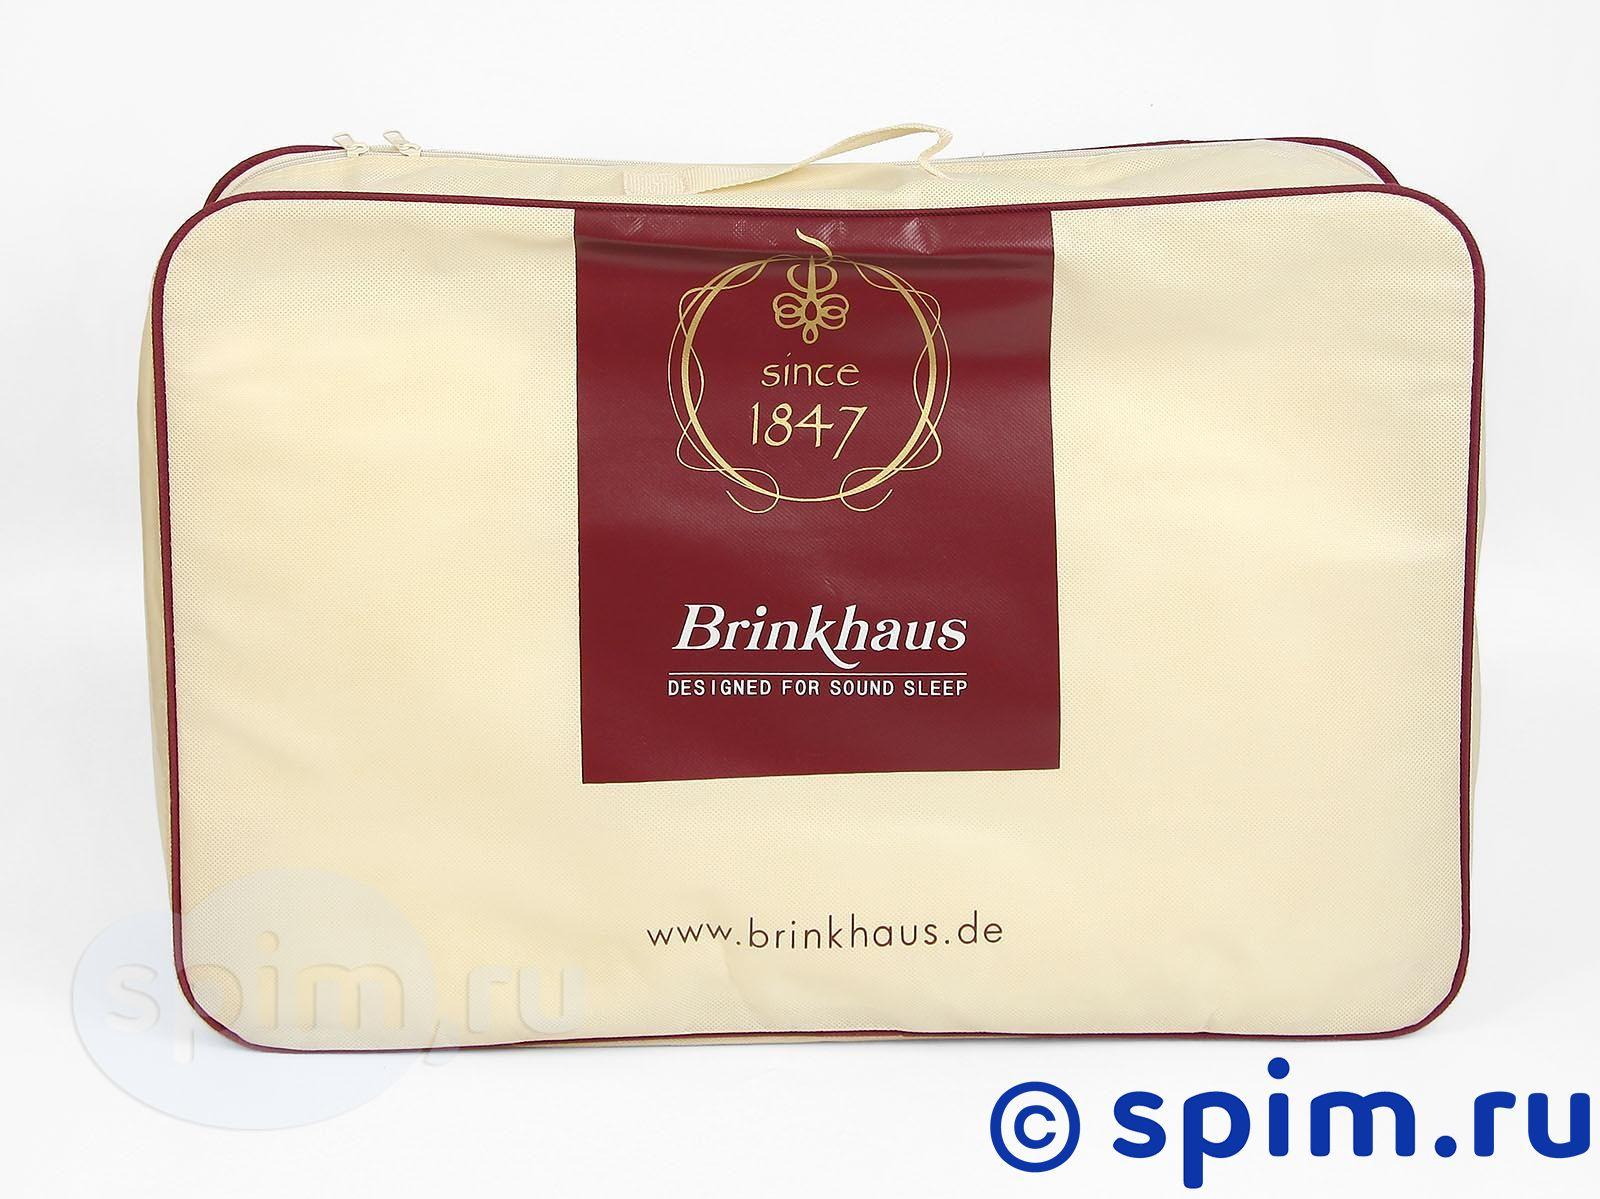 Одеяло Brinkhaus Exquisit-Satin, среднее 135х200 см